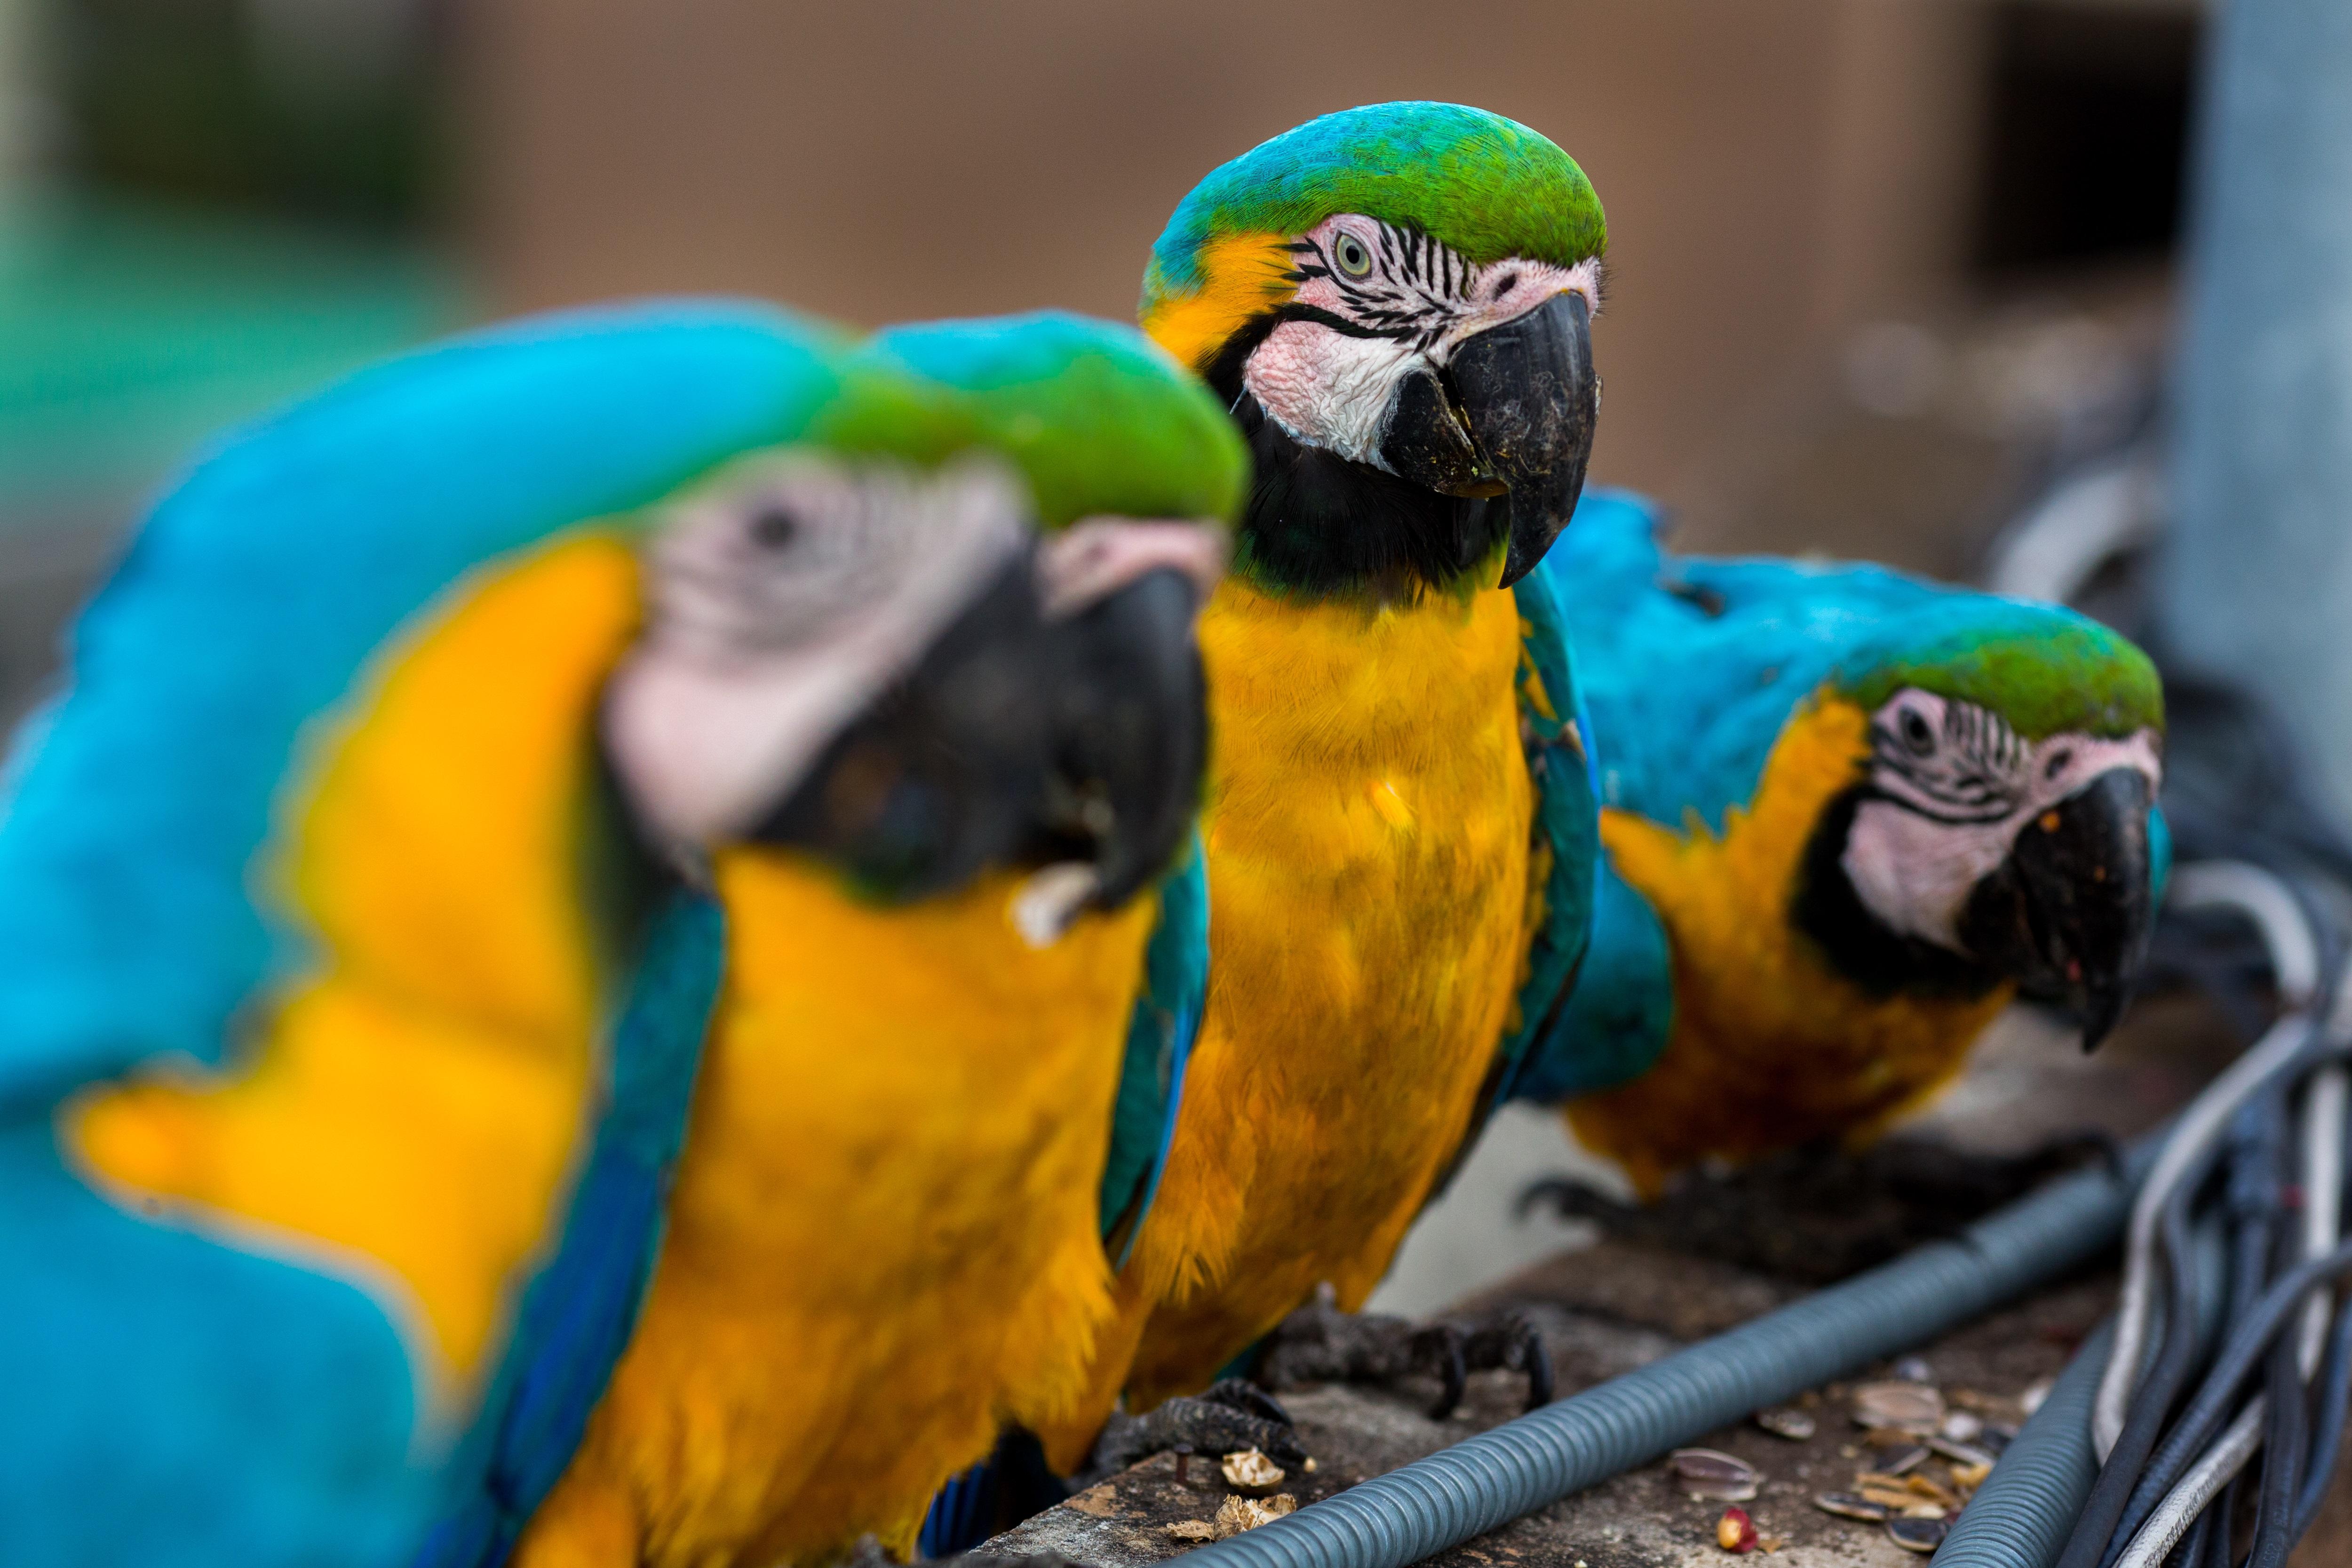 https://assets.sourcemedia.com/0f/53/9271682a4b4387ba4444d5c7cf0d/parrots-bloomberg.jpg